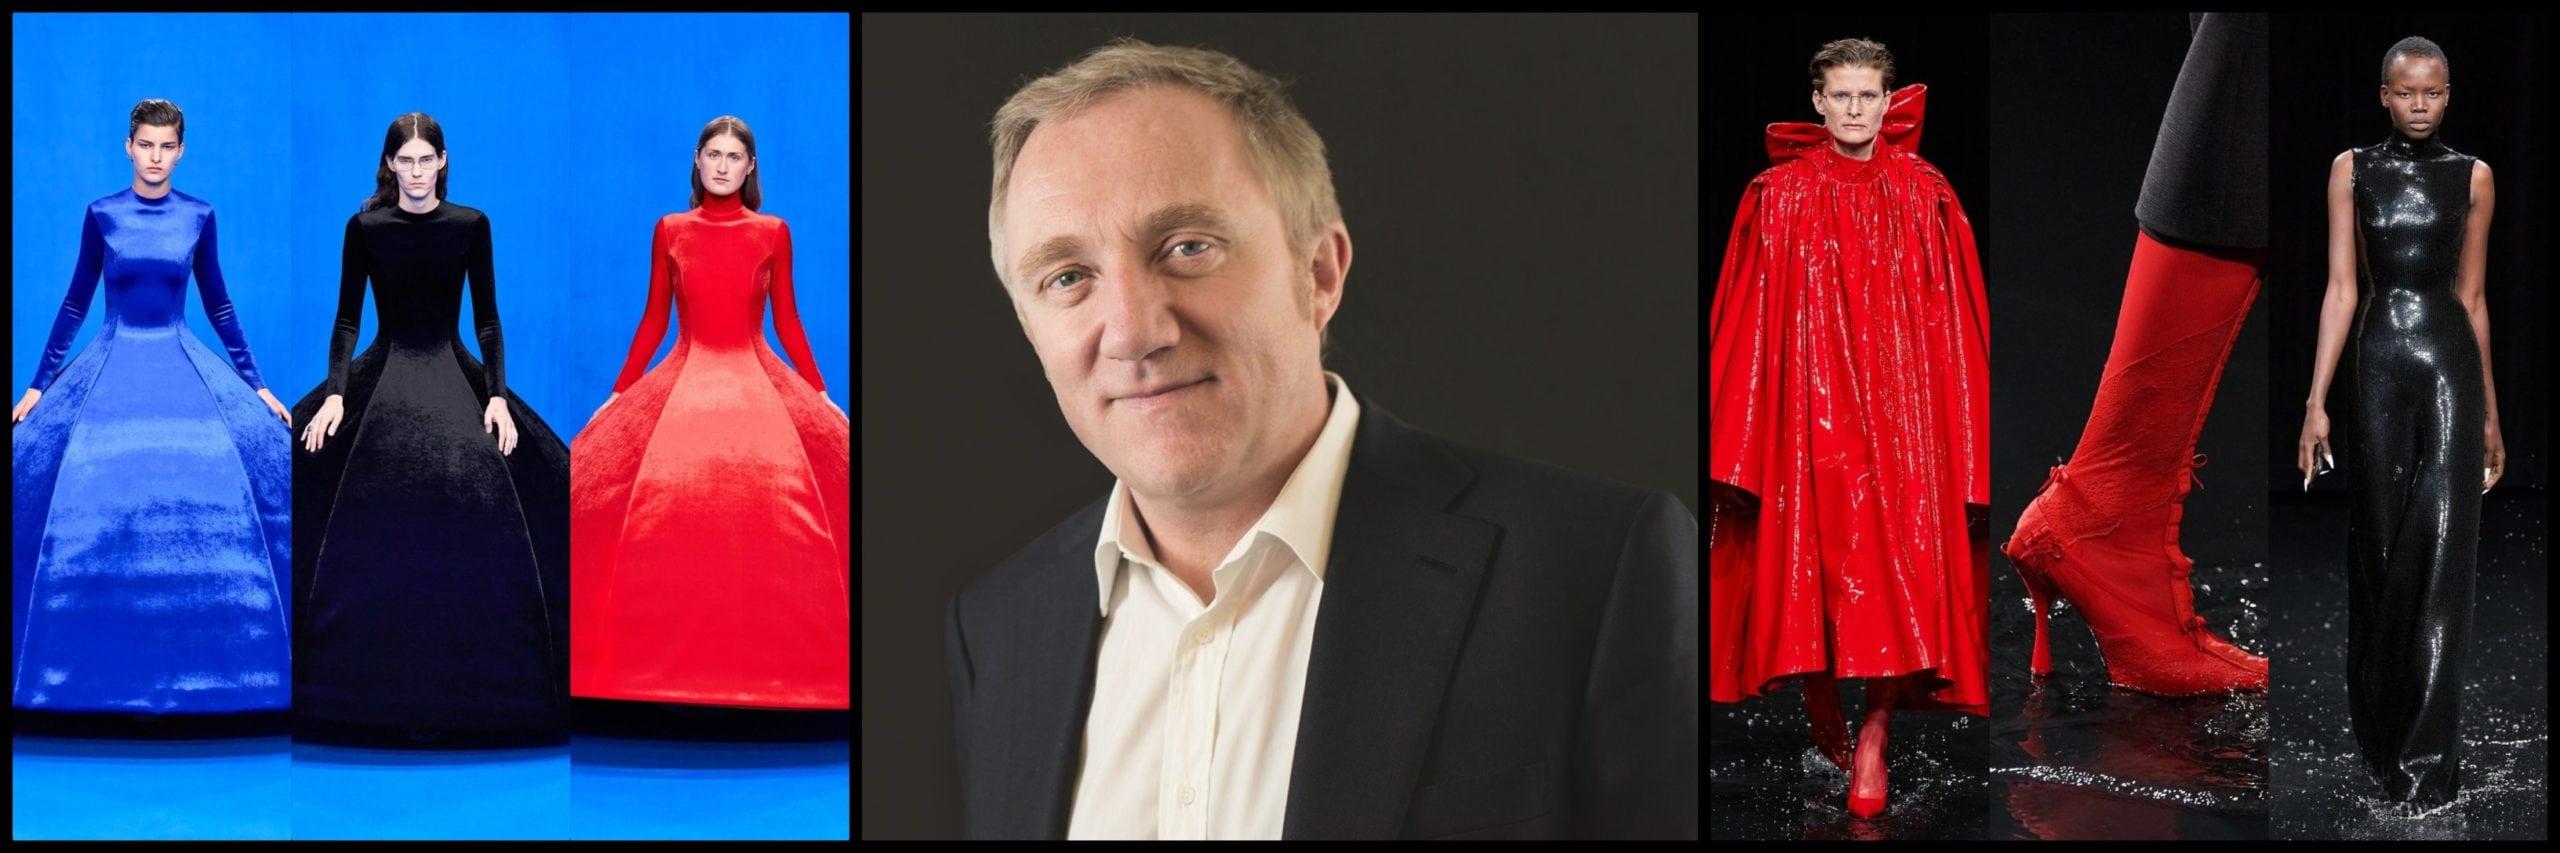 Франсуа-Анри Пино, генеральный директор Group Kering - Balenciaga